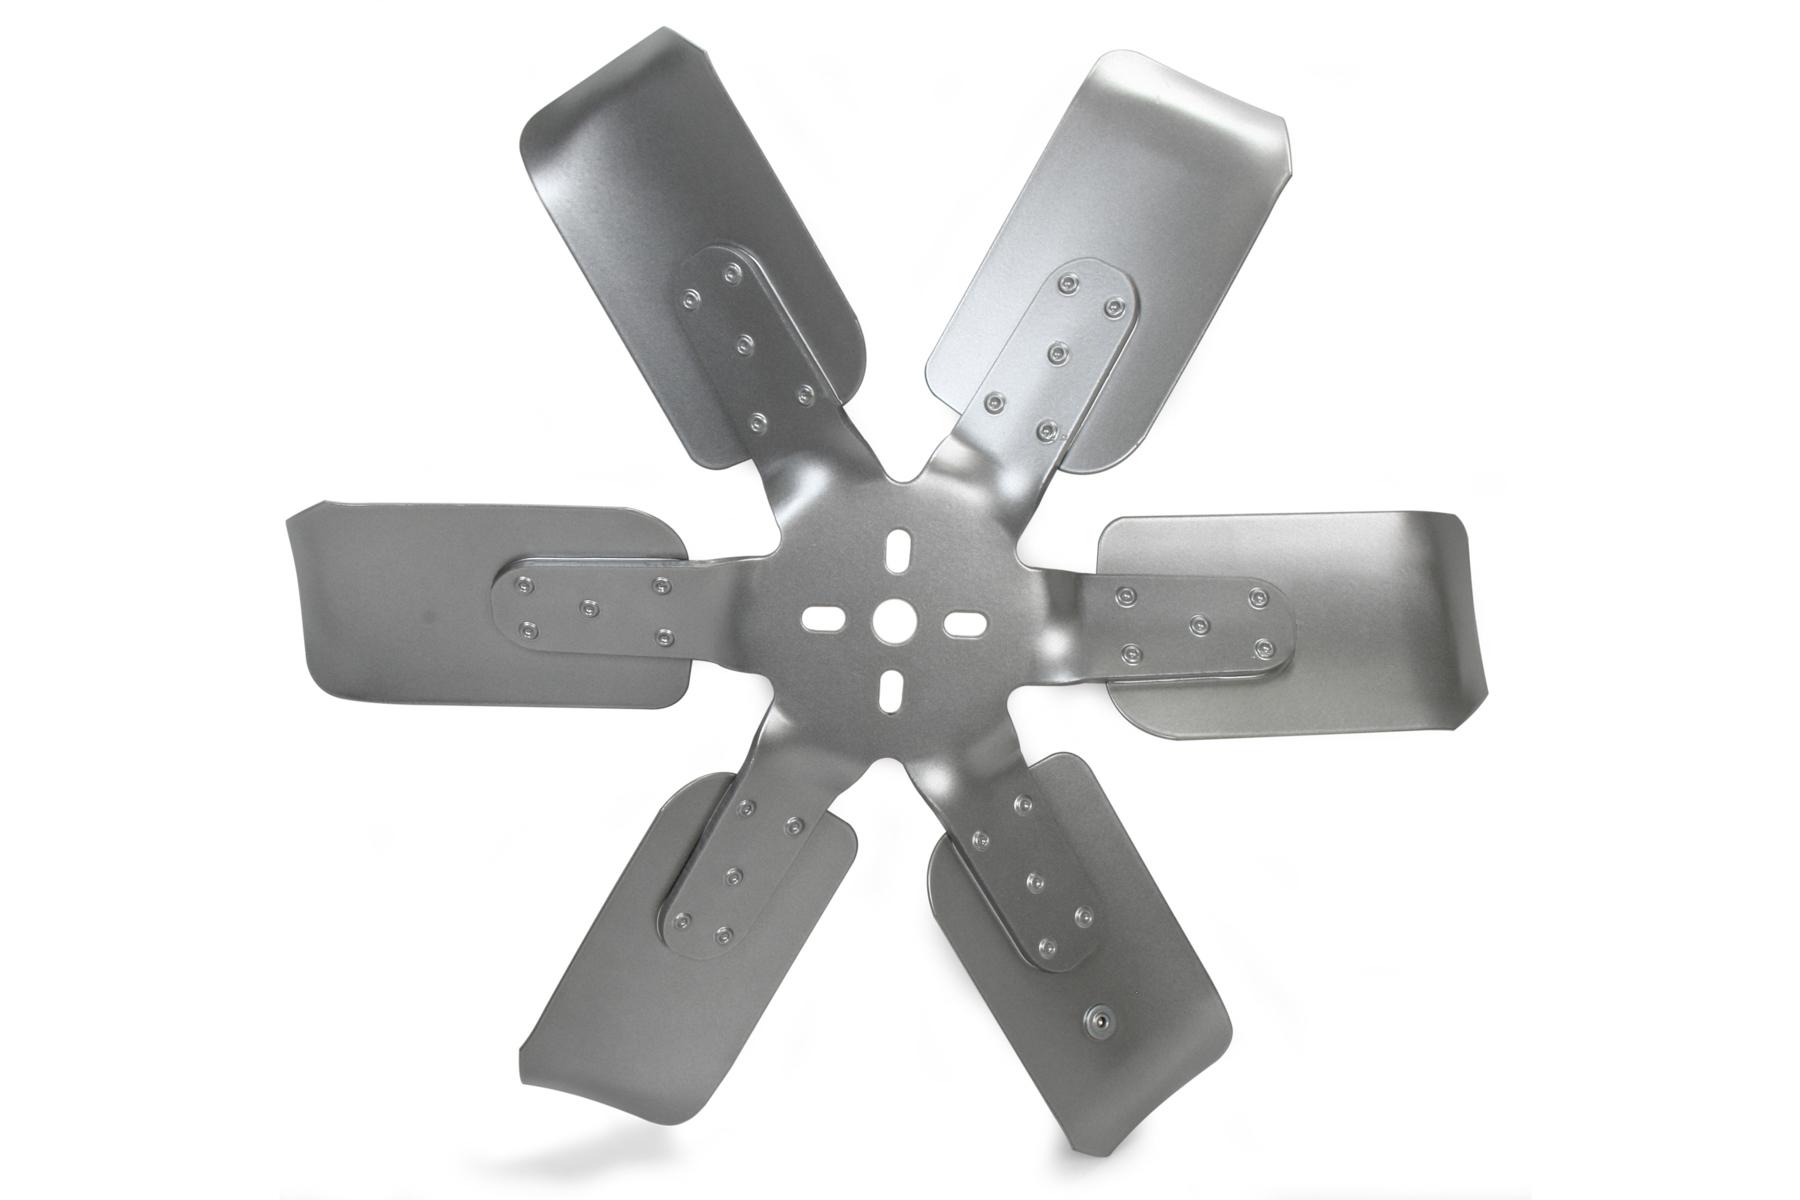 Flex-A-Lite 1218B Mechanical Cooling Fan, Race Fan, 18 in Fan, 6 Blade, 5/8 in Pilot, 1-3/4 to 2-1/2 in Bolt Pattern, Steel Hub/Aluminum Blades, Silver Paint, Each